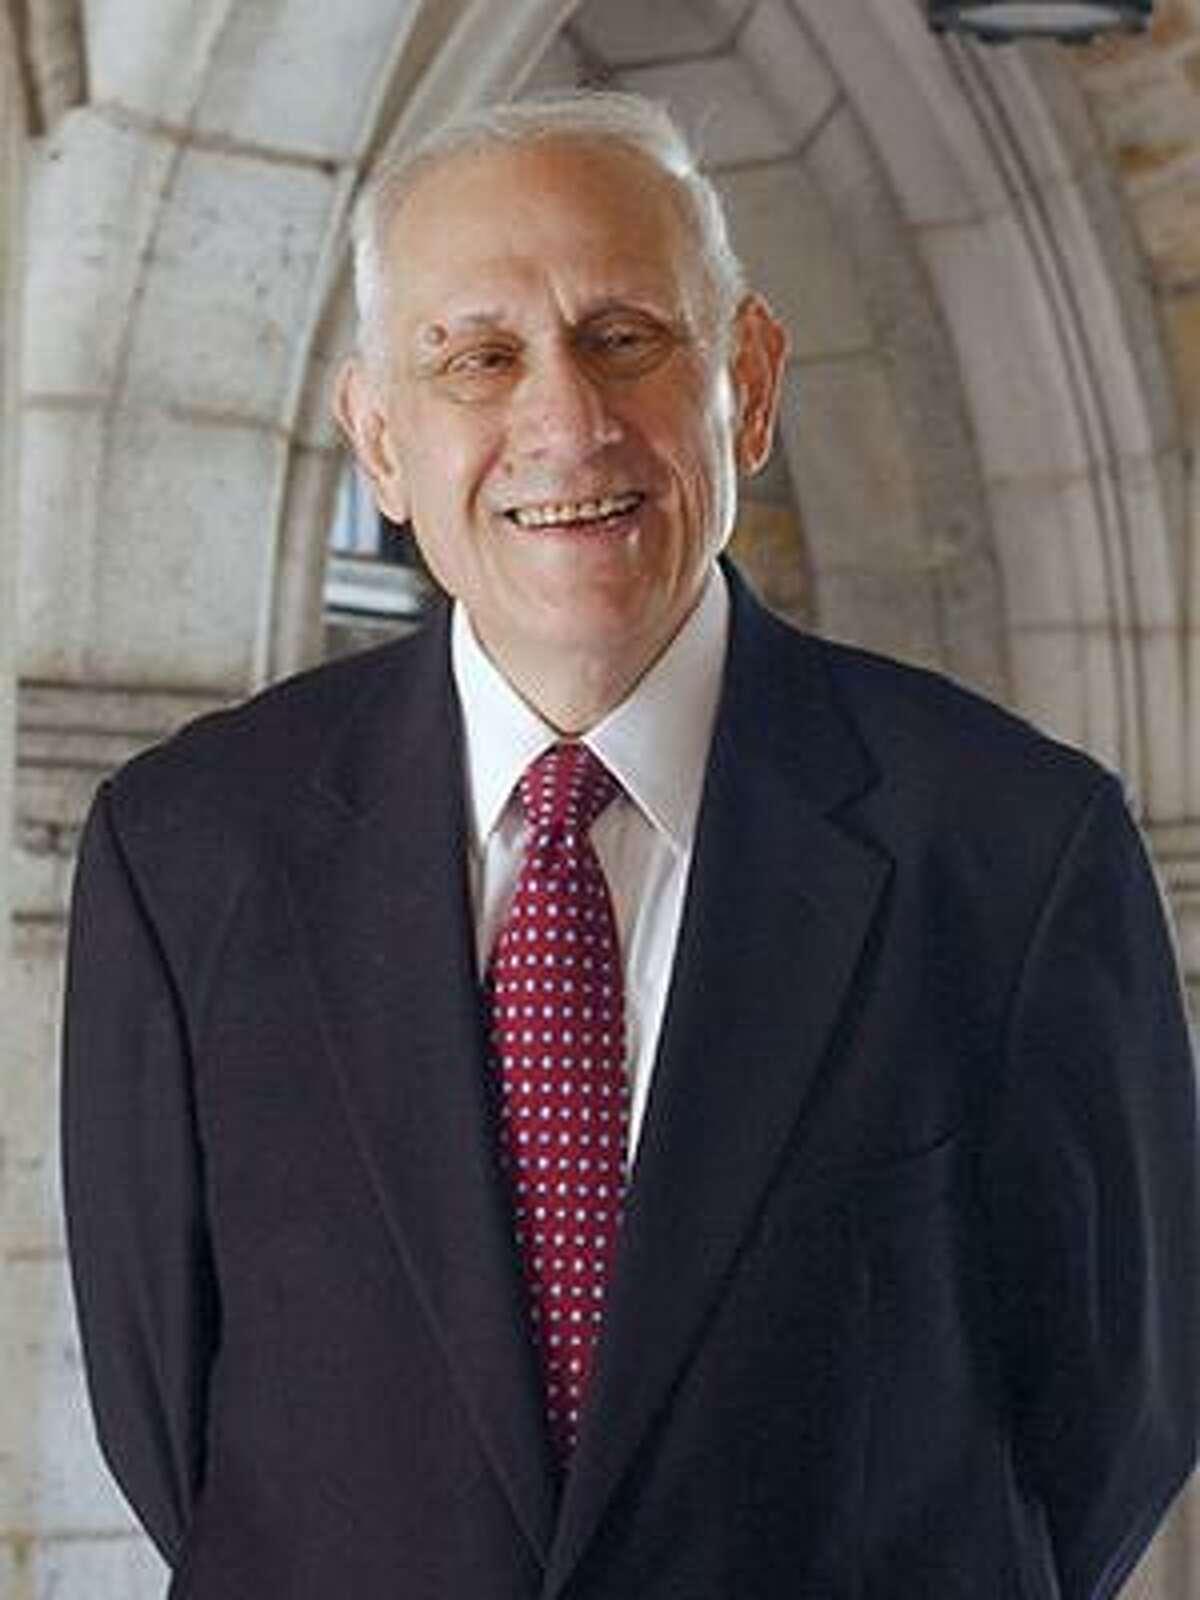 Donald Kagan